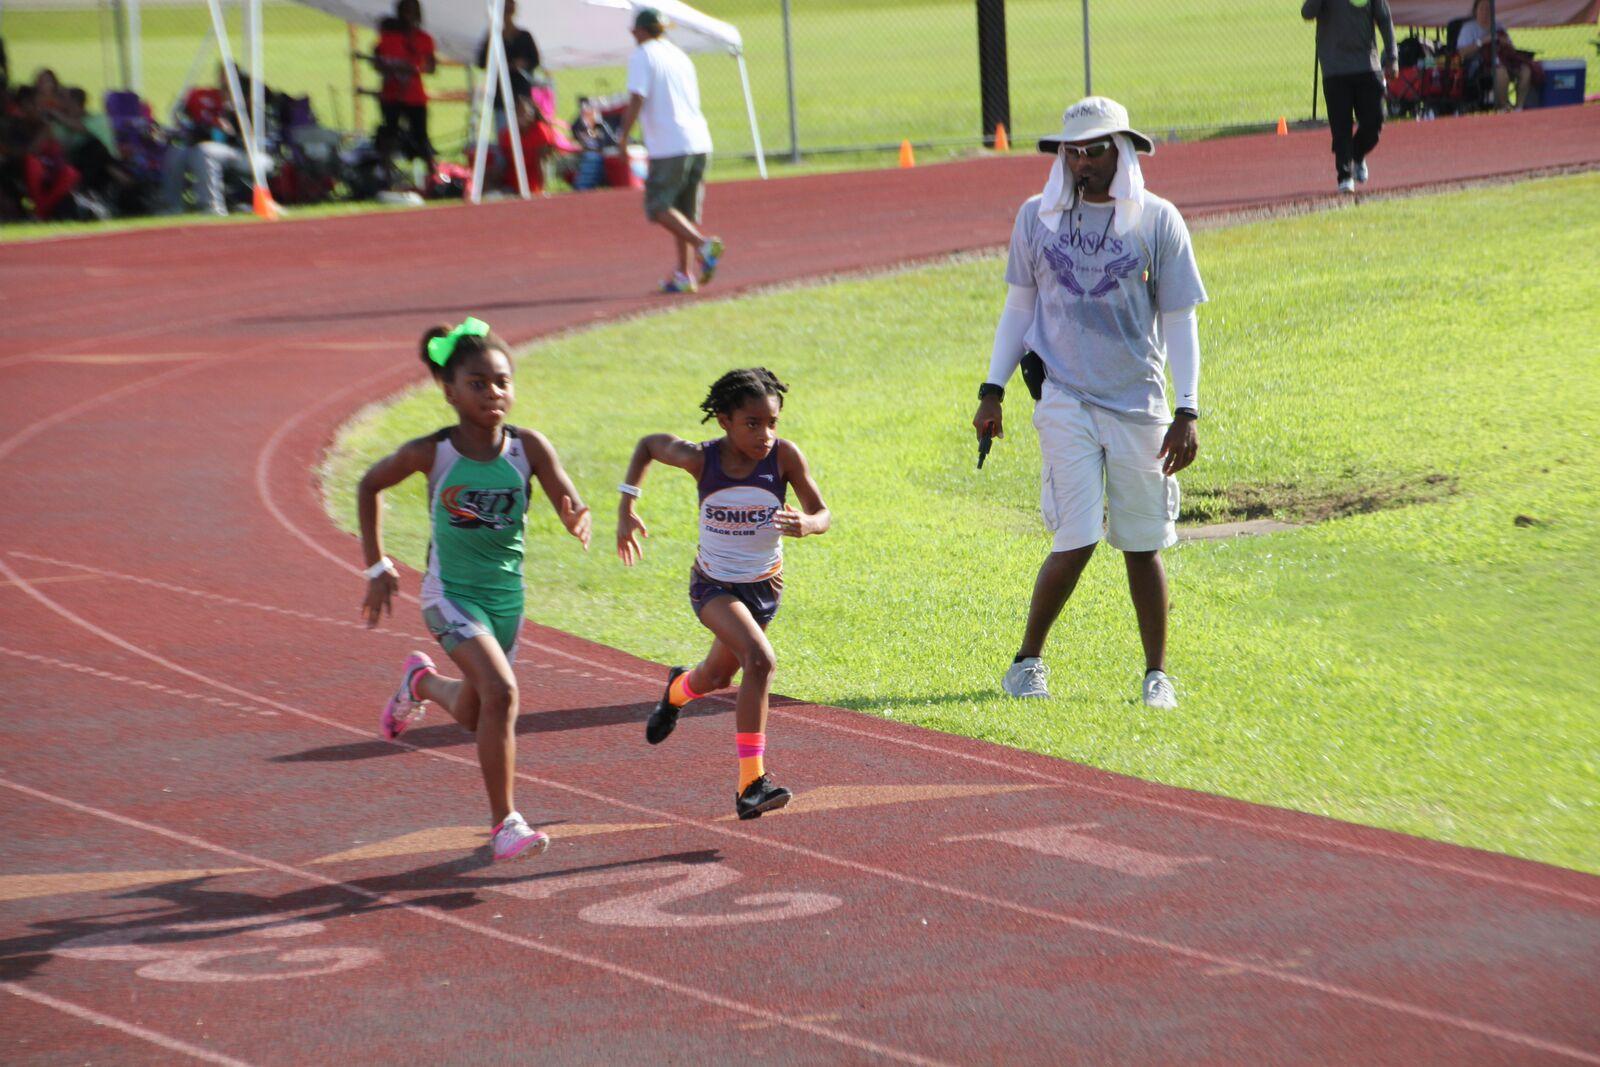 Shakira running the 100m